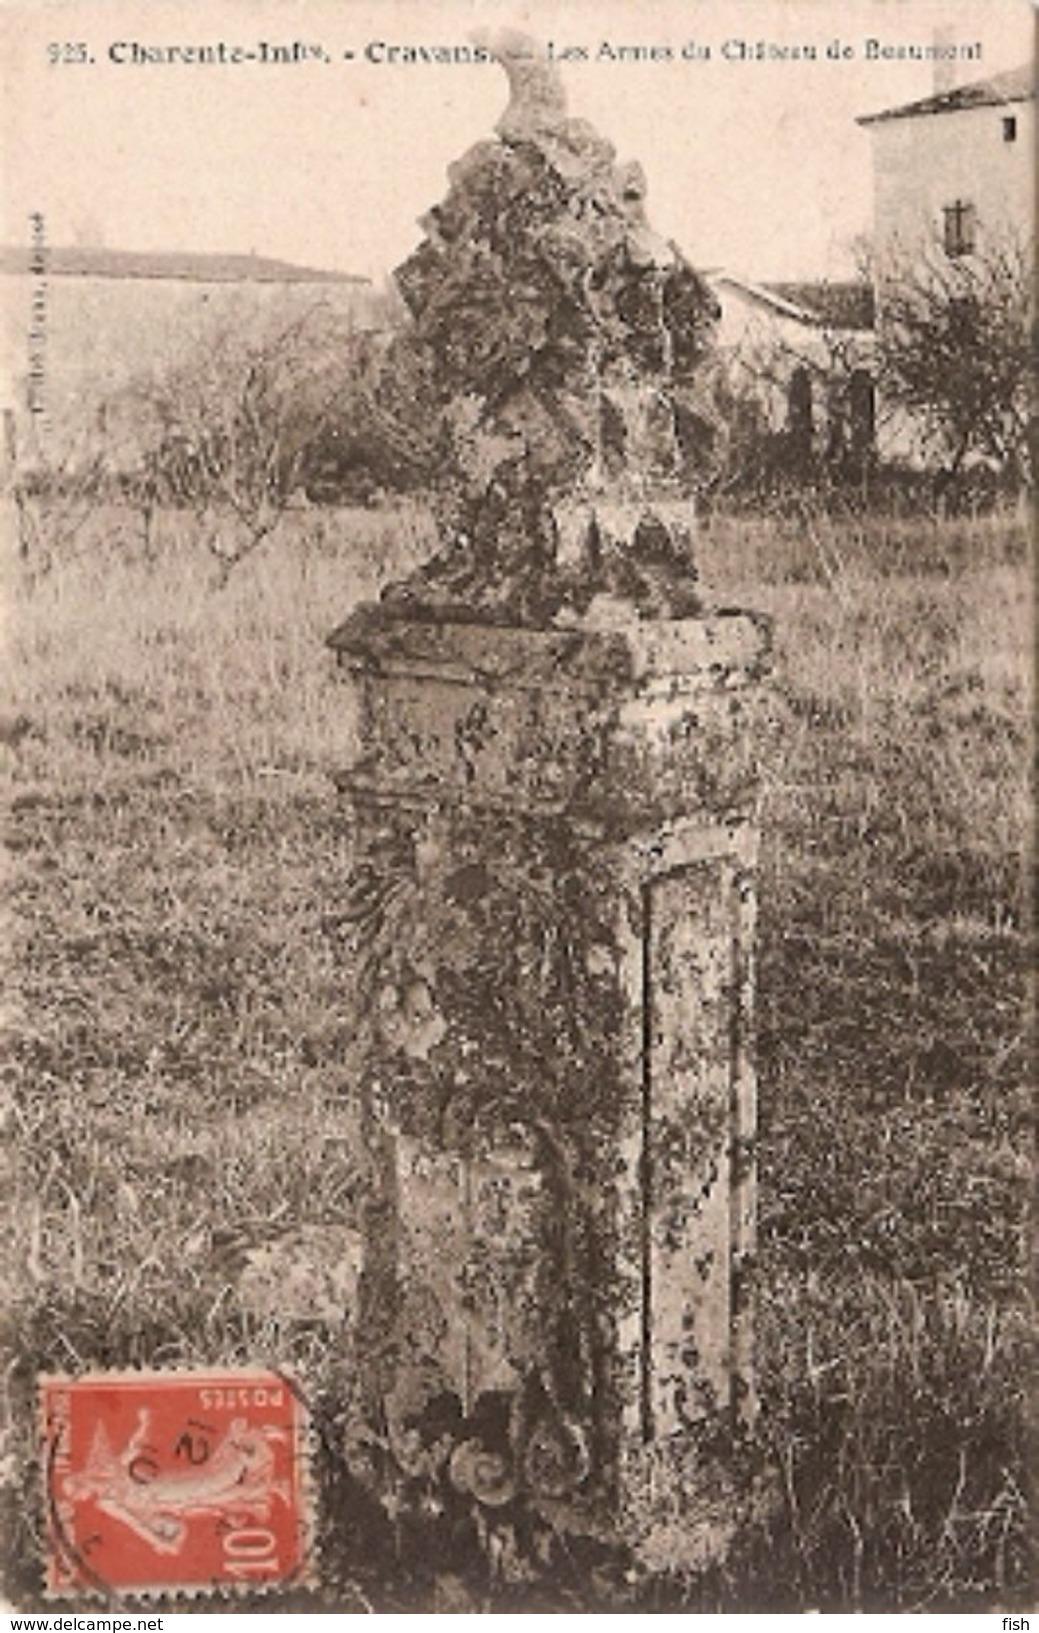 France & Circulated,  Les Armes De Château De Beaumont, Cravans, Condeon, Lisboa 1910 (925) - Monuments